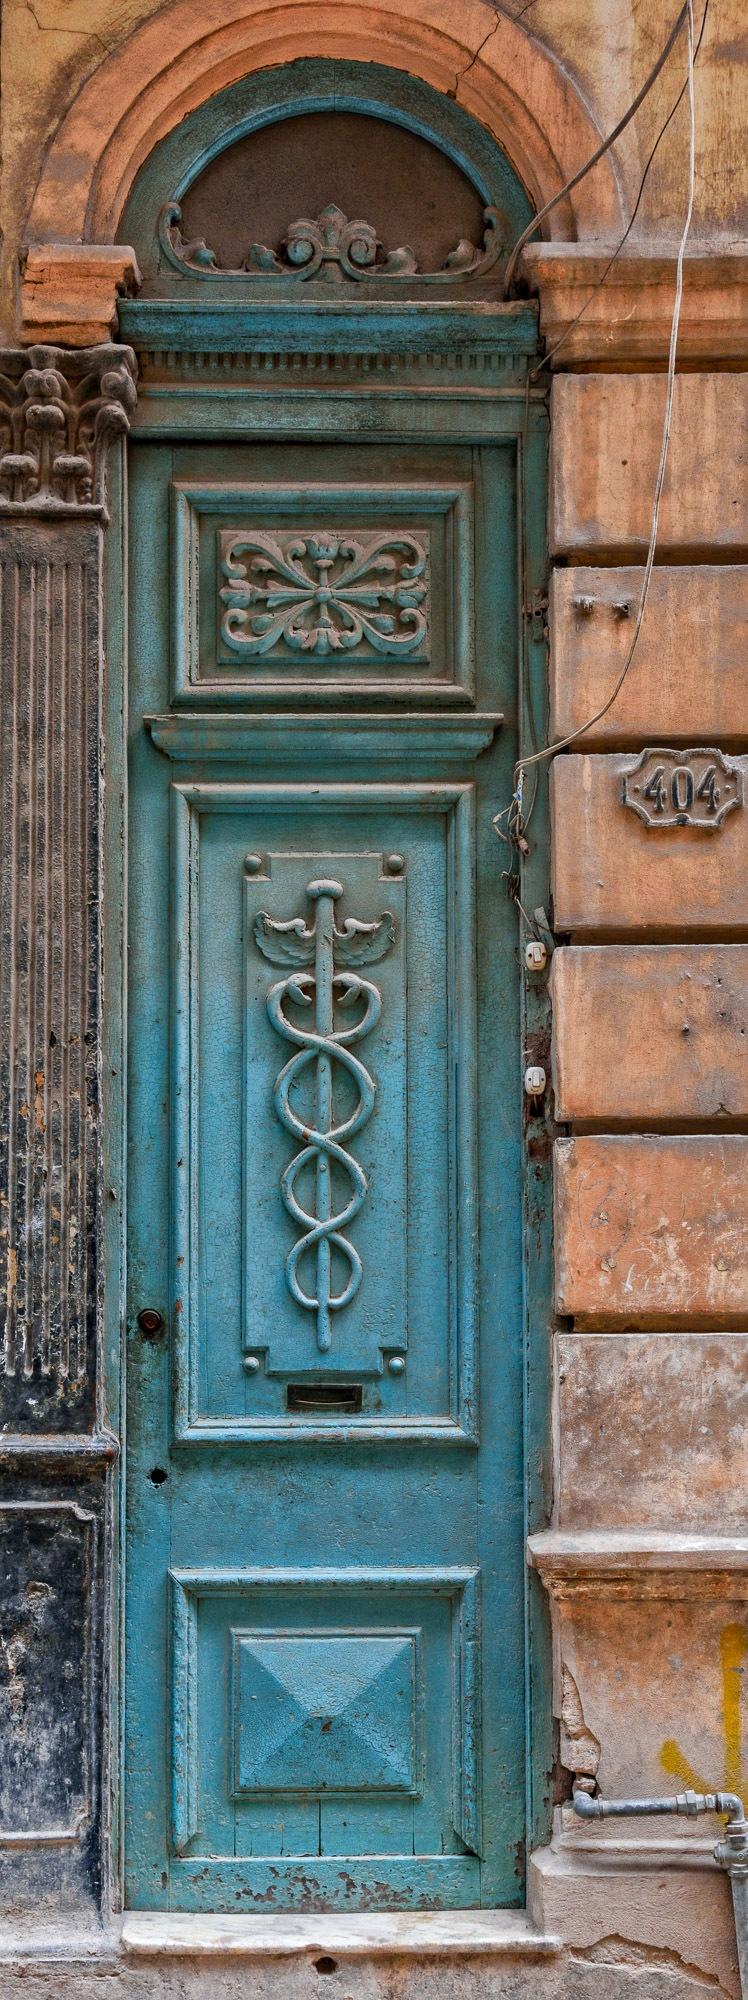 Doors of Havana #1 by Steve Director